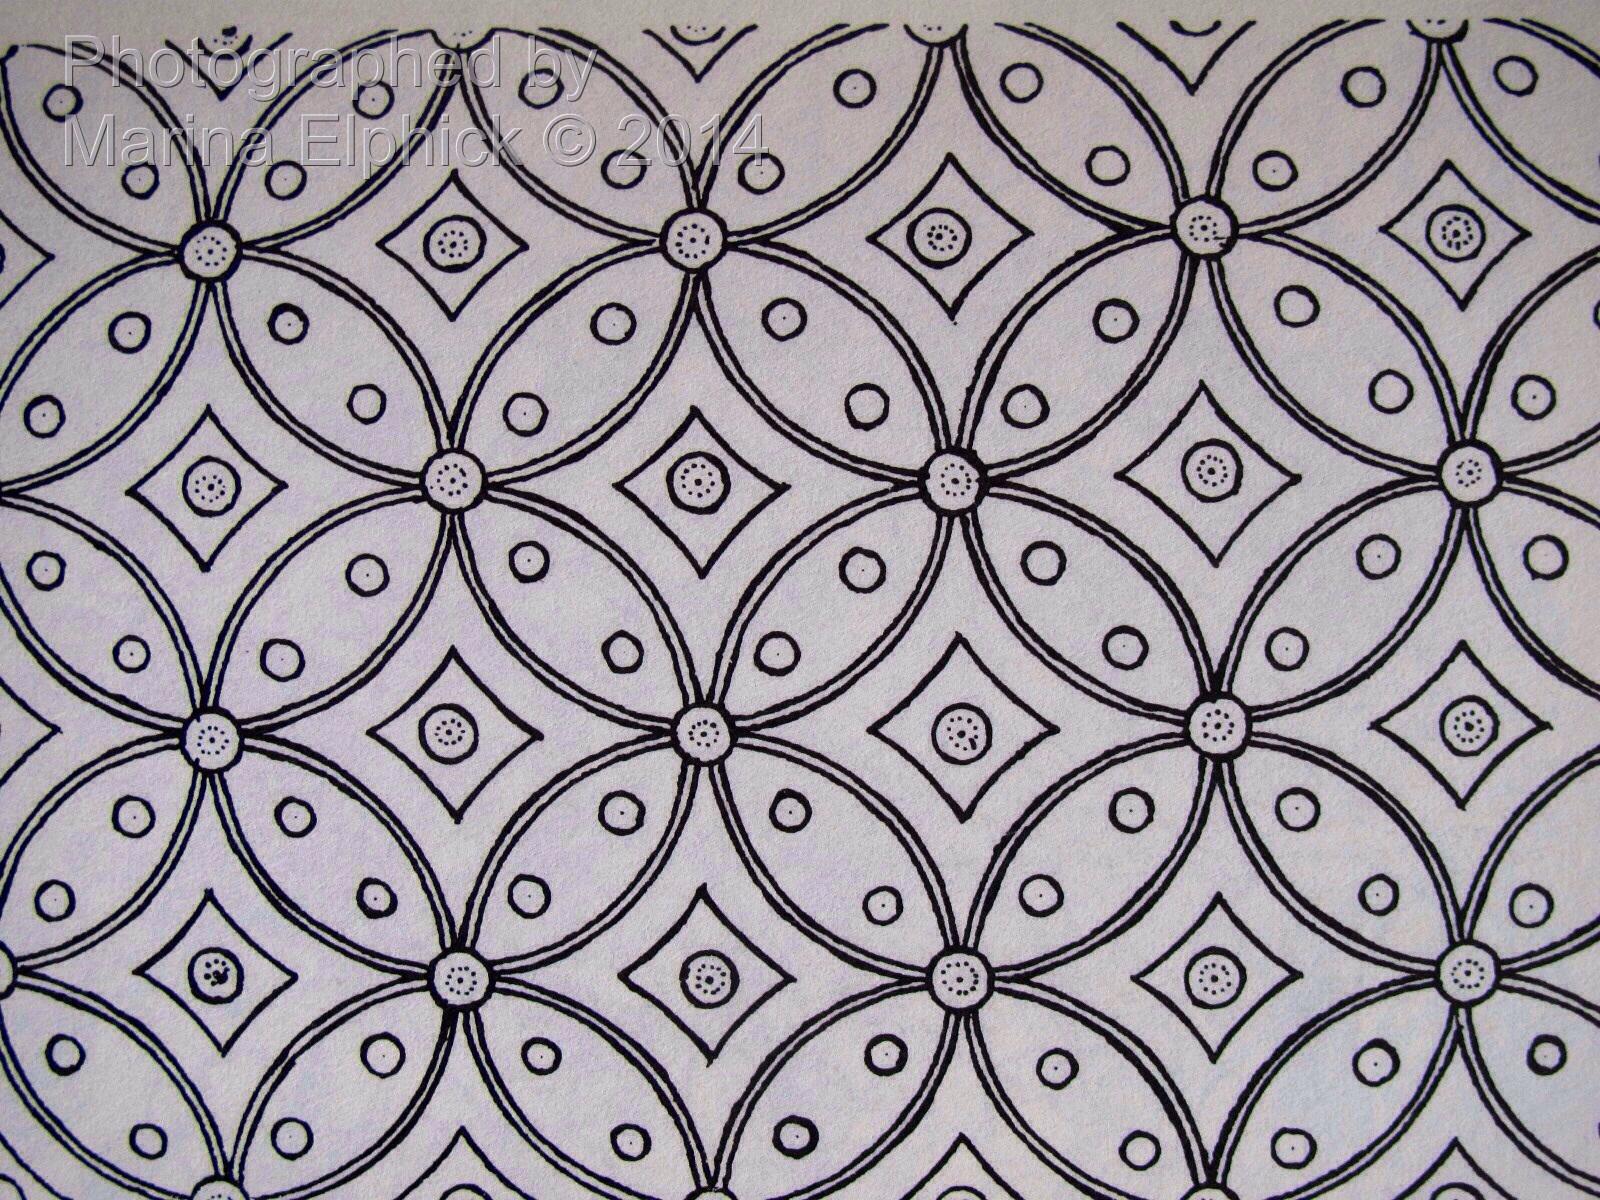 Kawung batik motif | The Batik Route